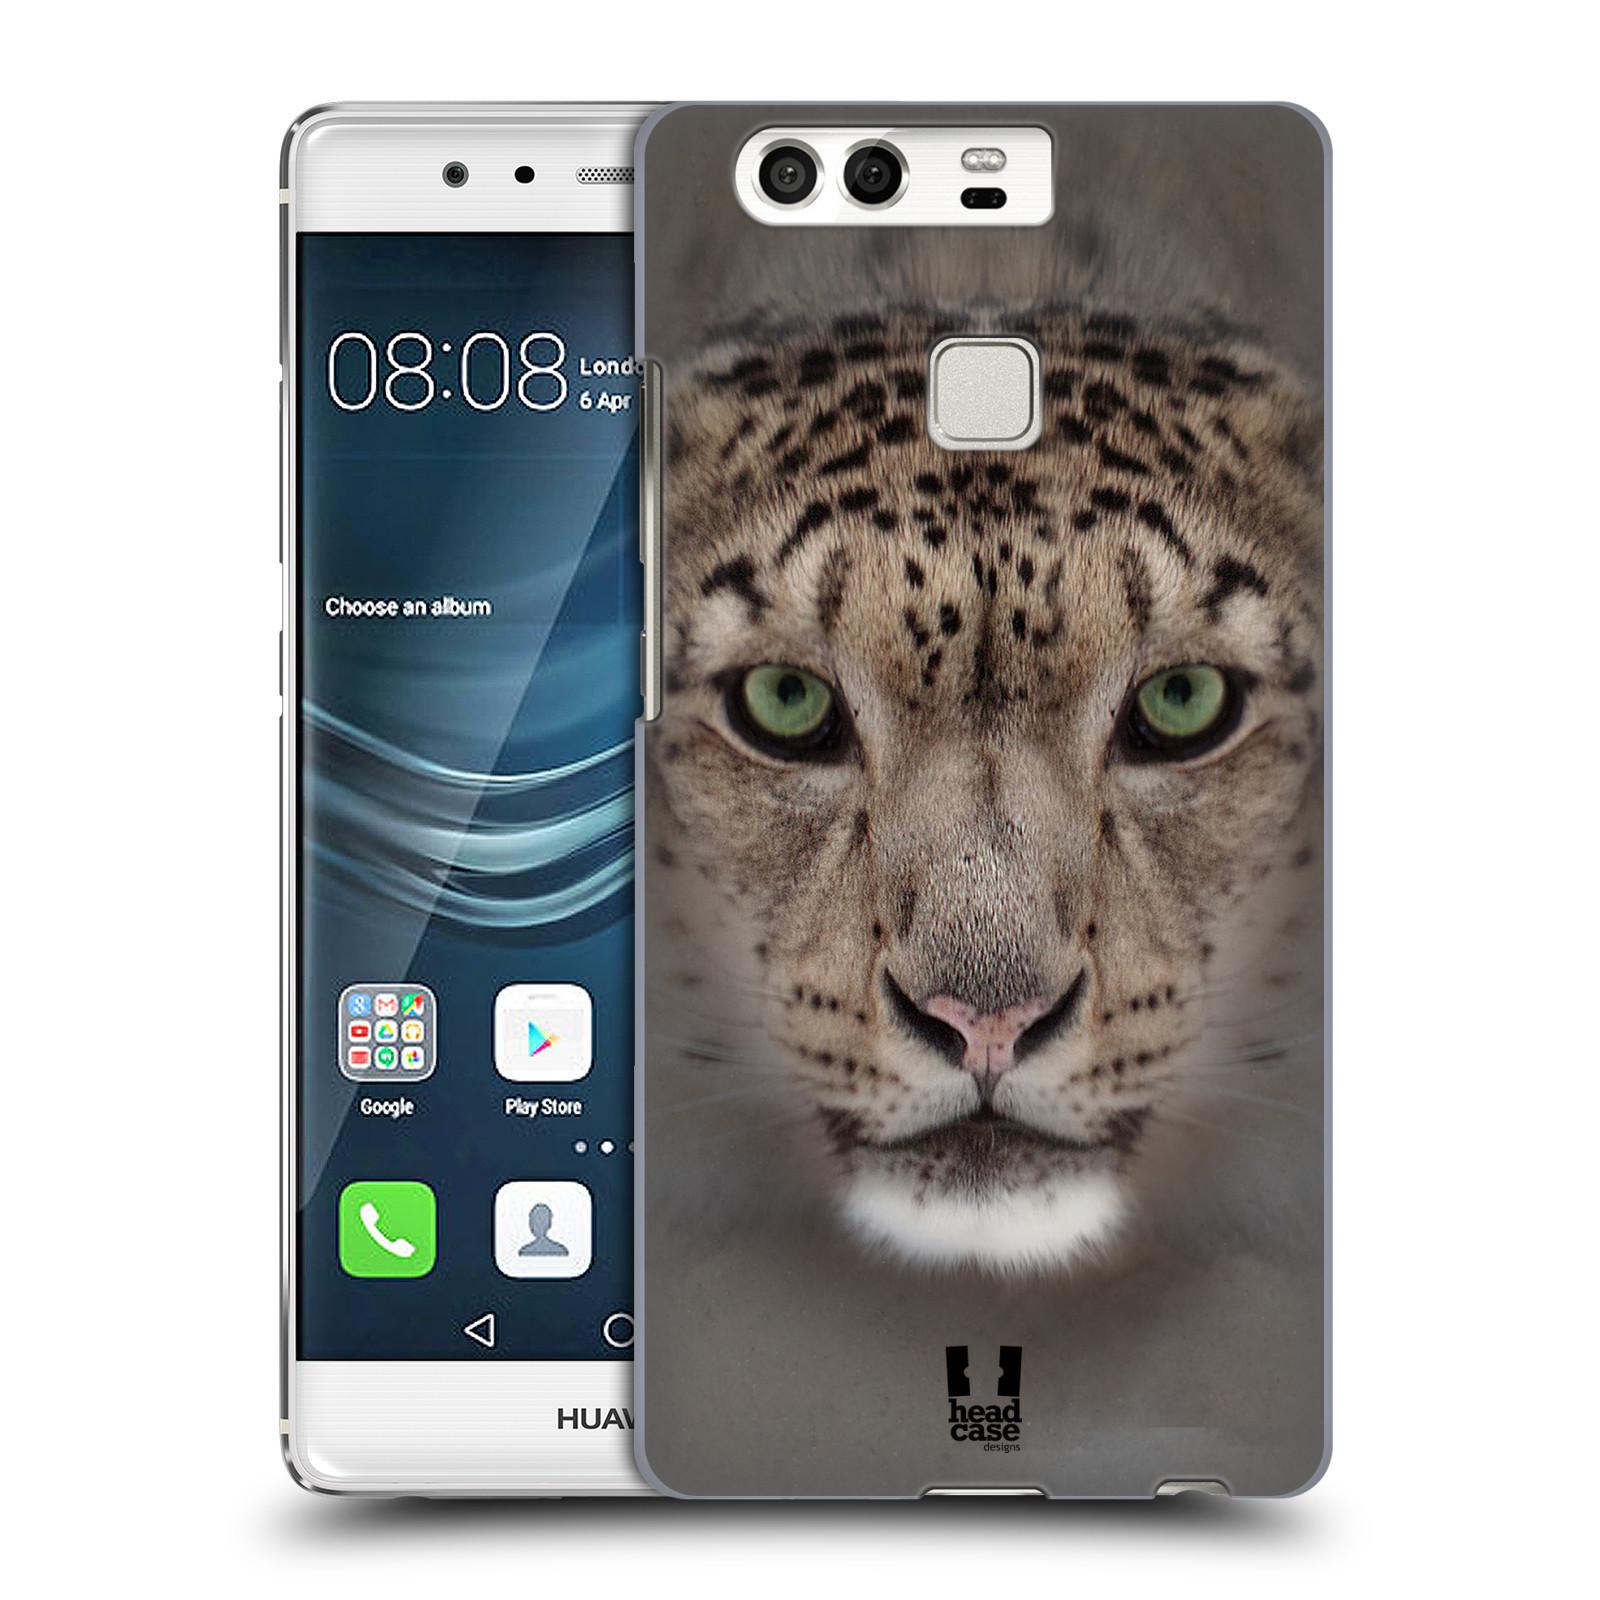 HEAD CASE plastový obal na mobil Huawei P9 / P9 DUAL SIM vzor Zvířecí tváře 2 sněžný leopard